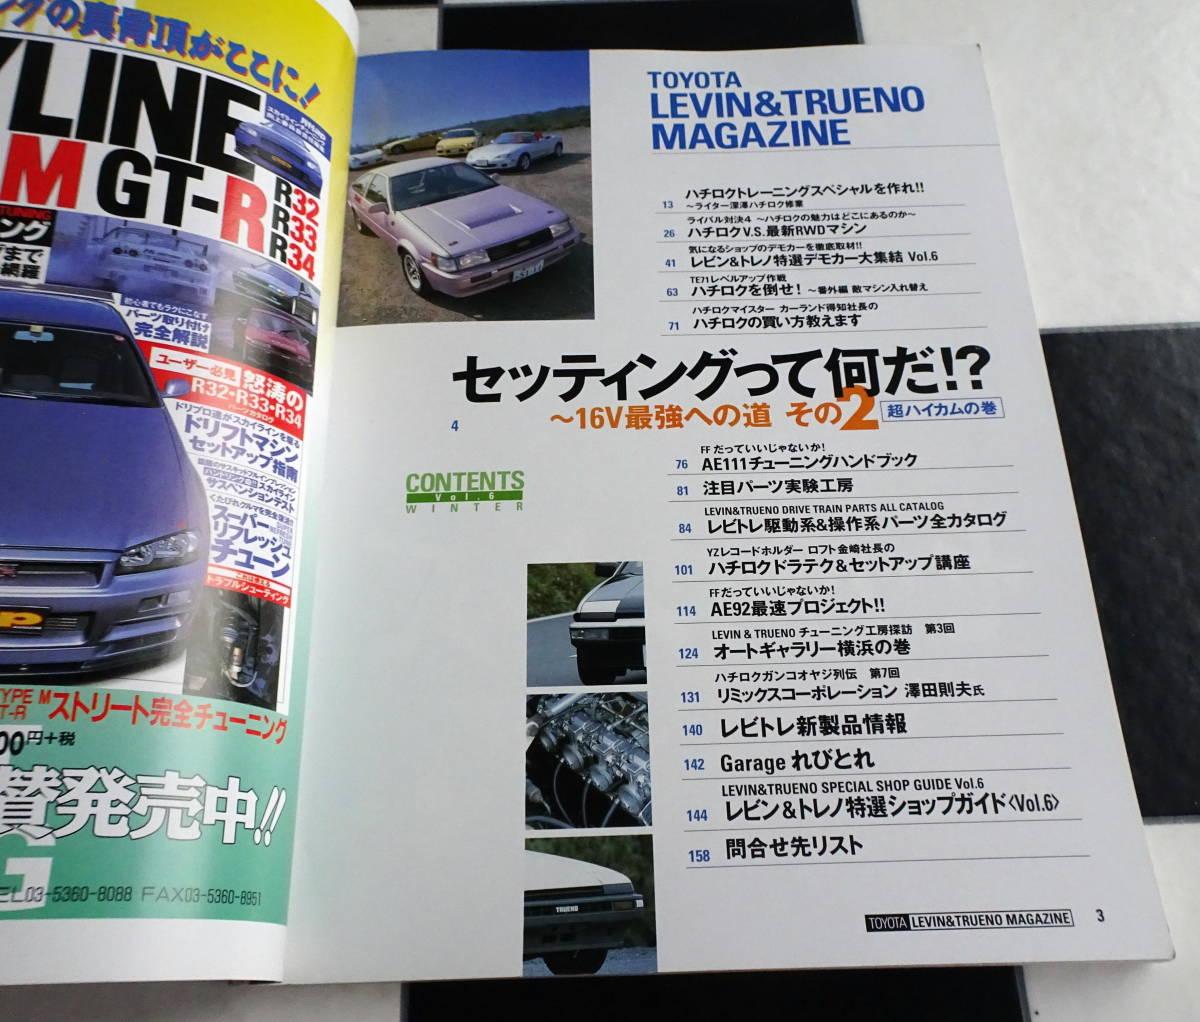 TOYOTA Levin&Trueno Magazine Vol.6 すべてのトヨタ レビン&トレノファンに贈る究極のチューニングマガジン AE86 4A-G_画像2